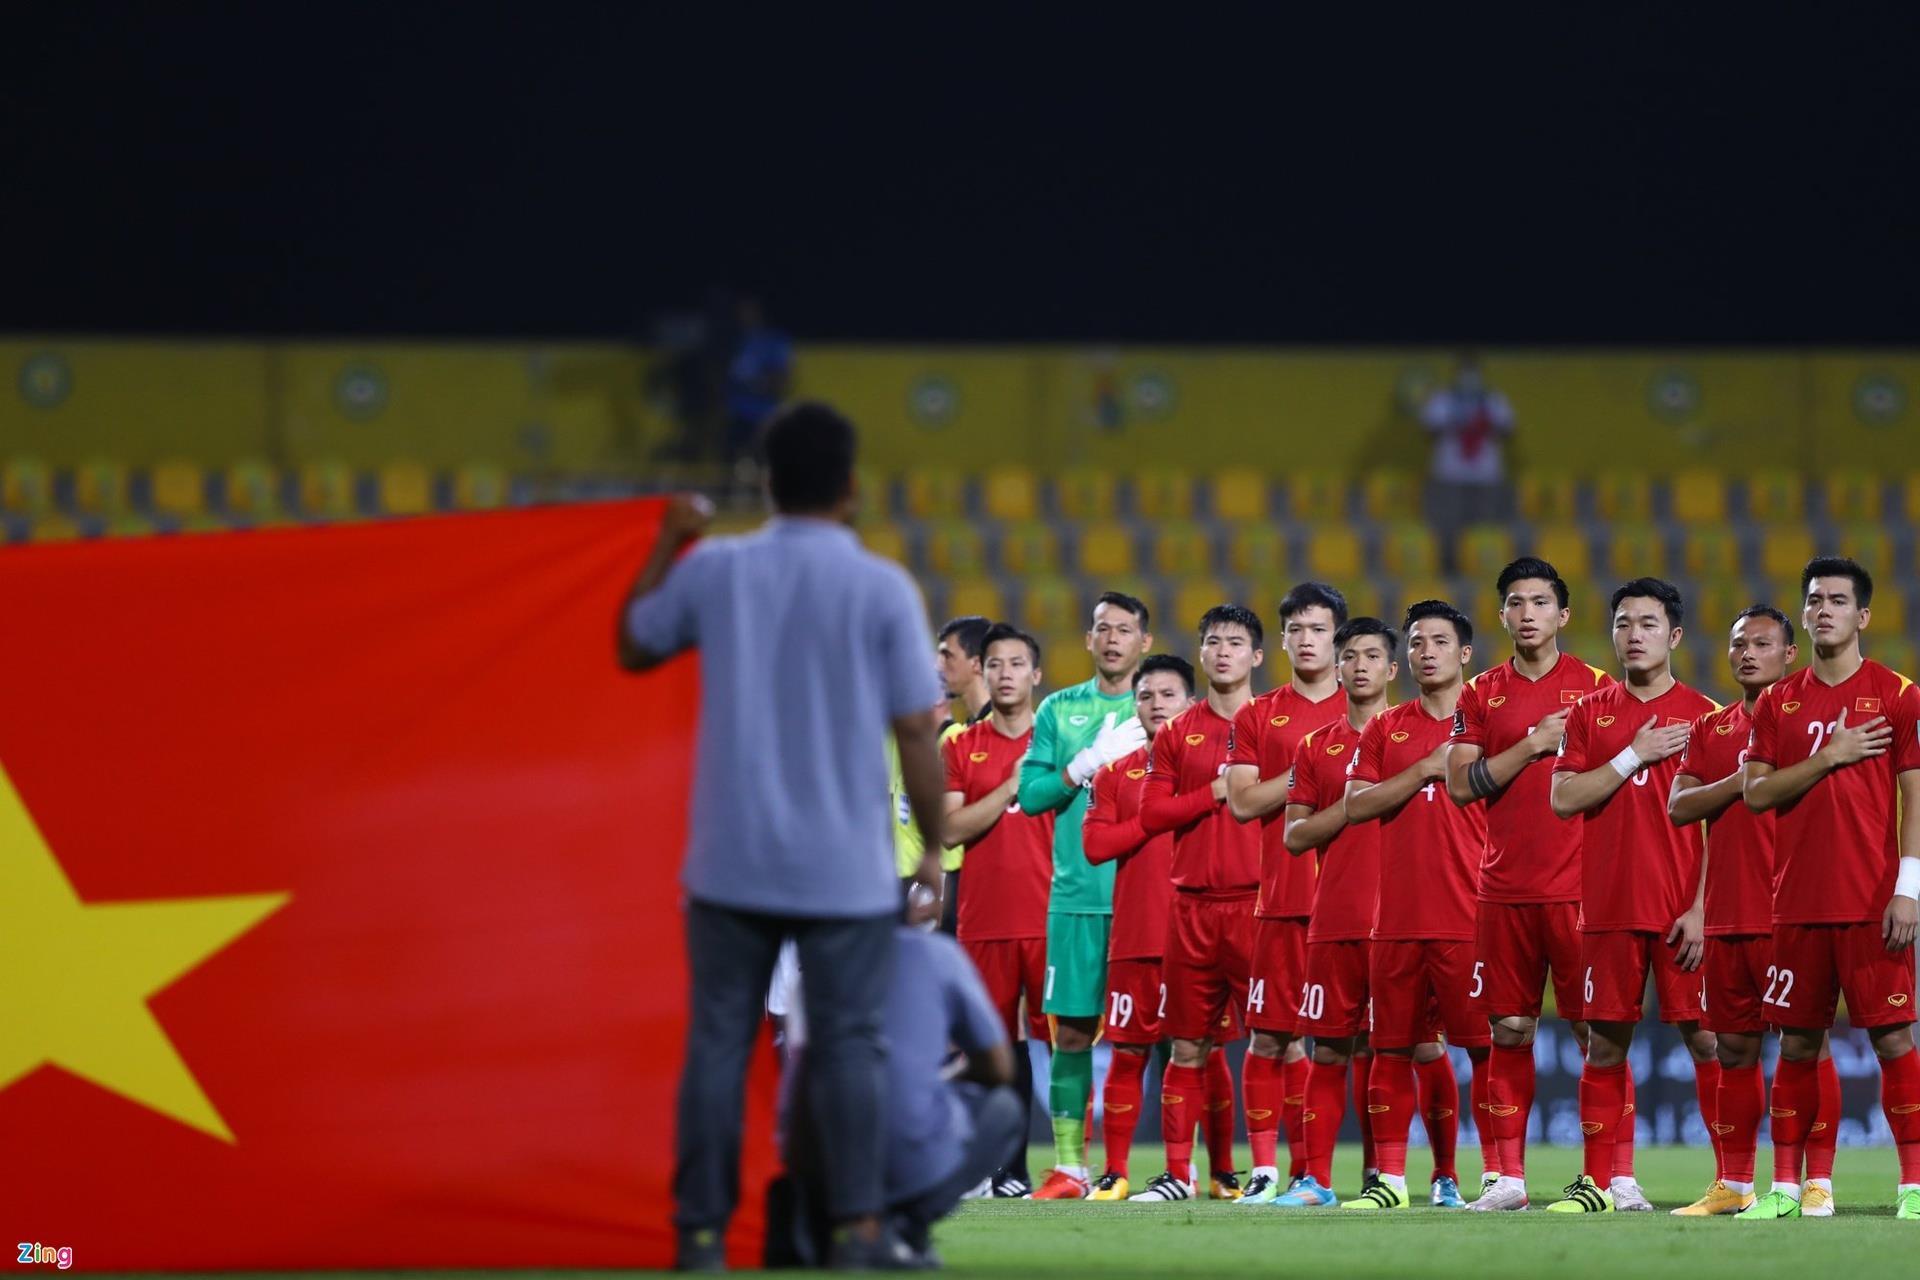 Bầu Đức: 'Đội tuyển quốc gia là ưu tiên số 1' - 1